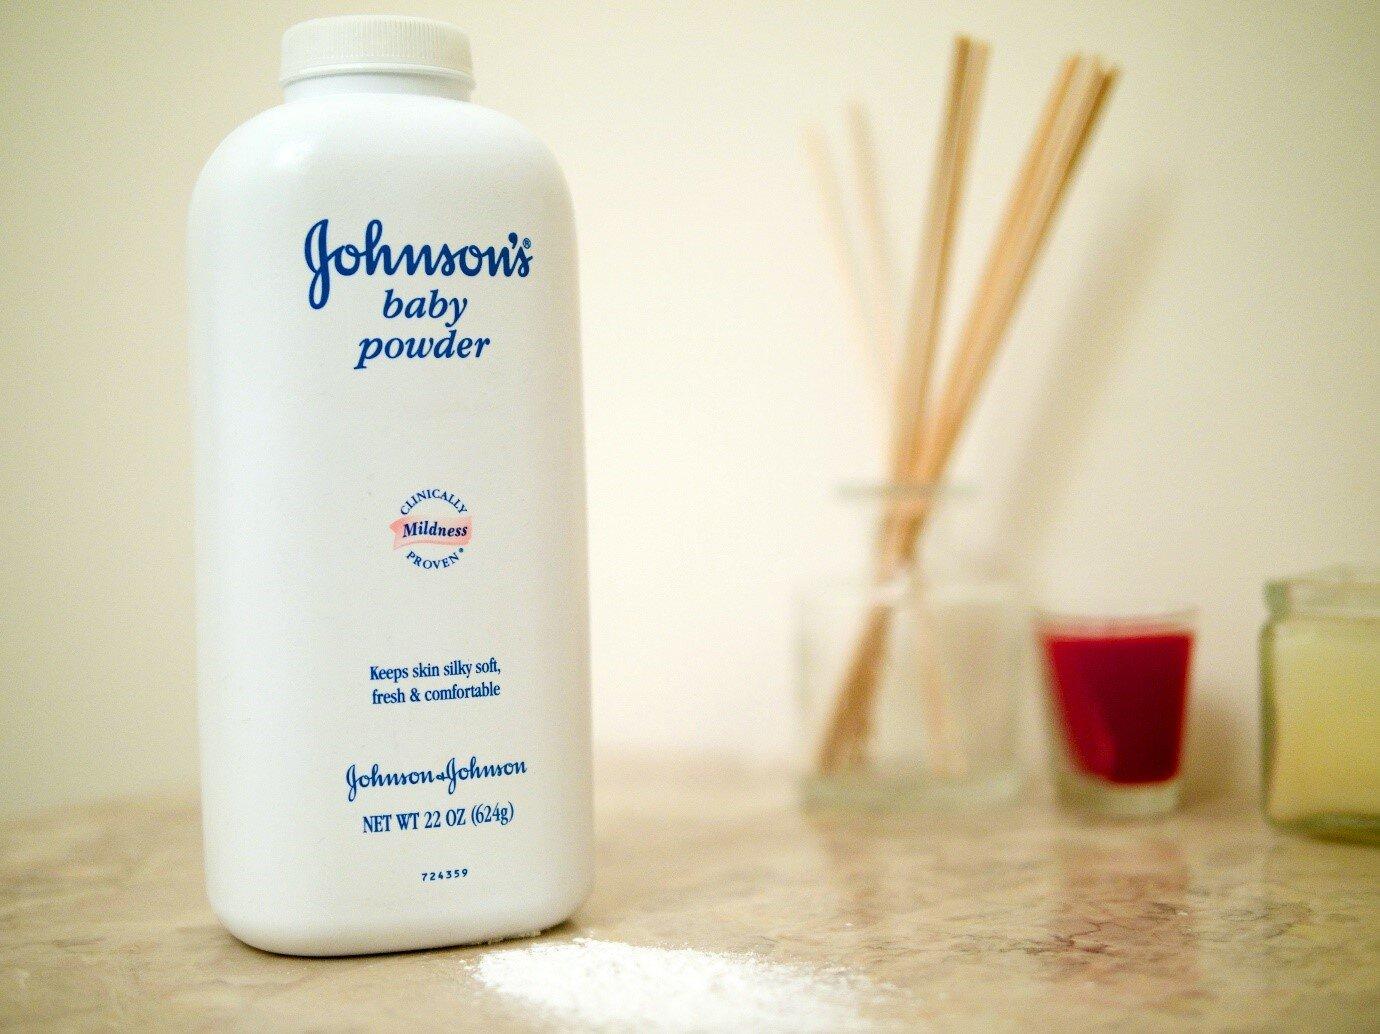 Johnson's Baby là sản phẩm phấn rôm được nhiều bà mẹ tin dùng